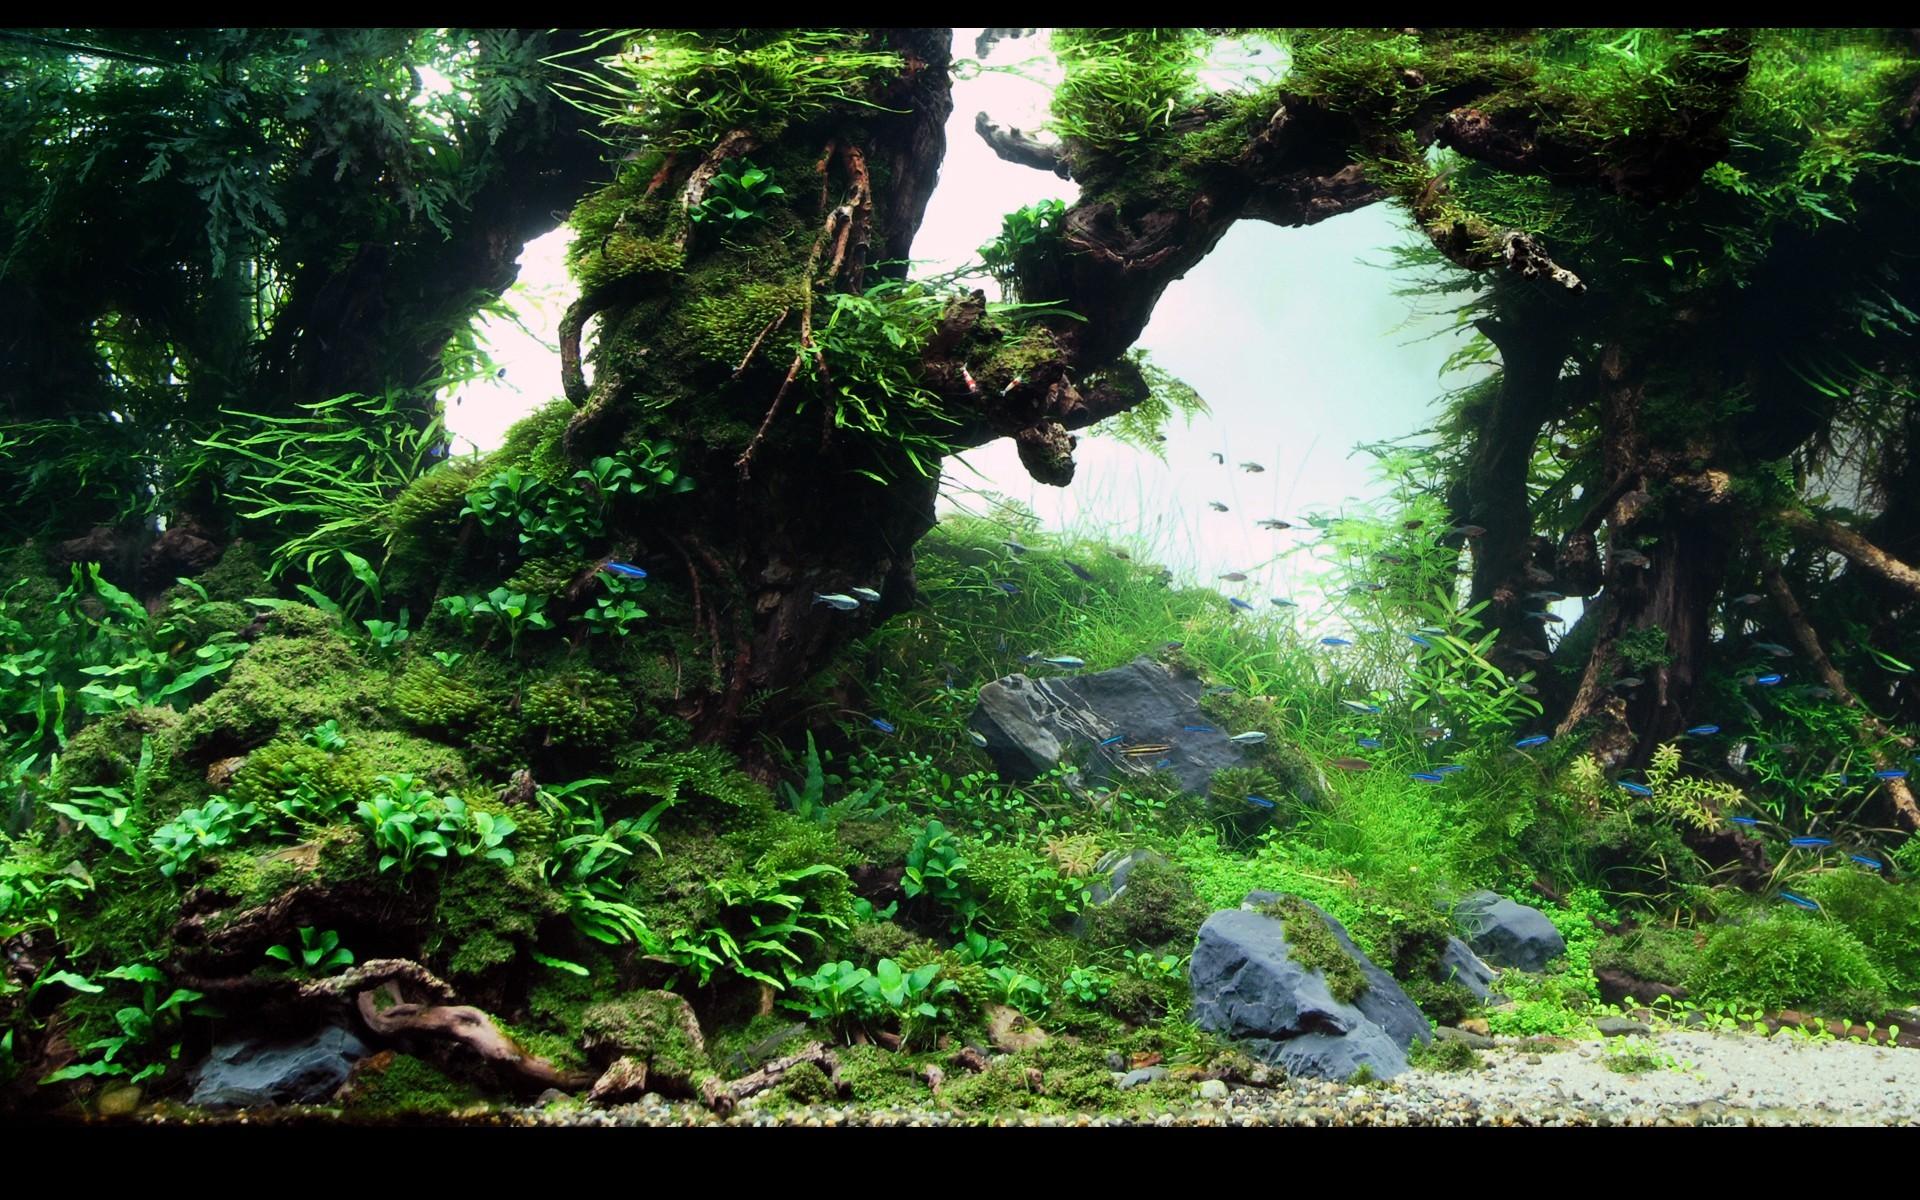 1920x1080 Aquarium Screensaver Fishtank 1080p HD TROPICAL